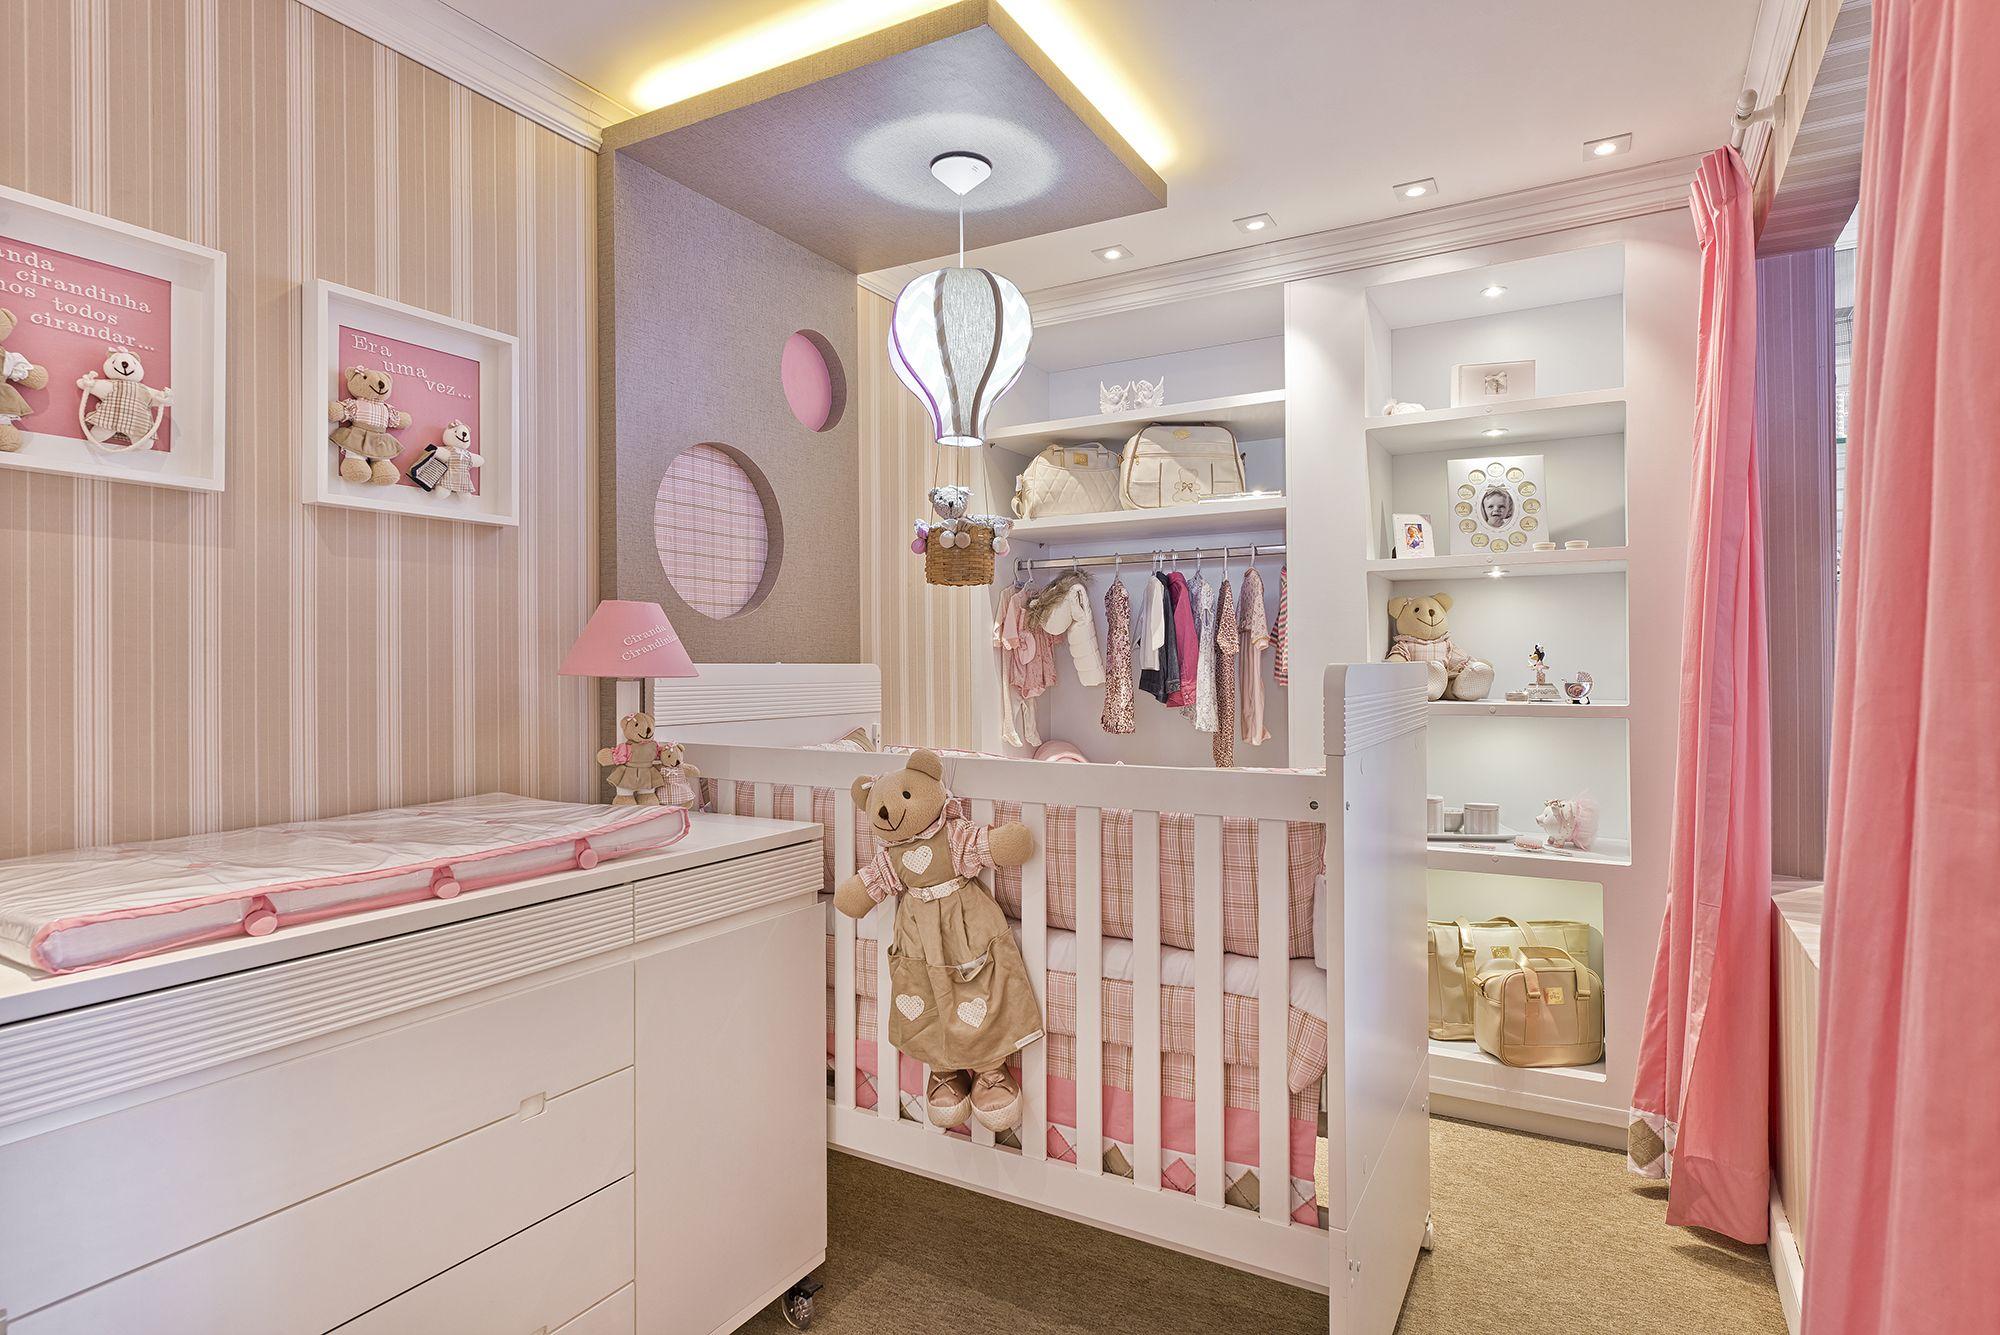 7 Ideias Para Montar Quarto De Beb Para Menina Quarto De Beb  ~ Decoração De Quarto De Menina Bebê